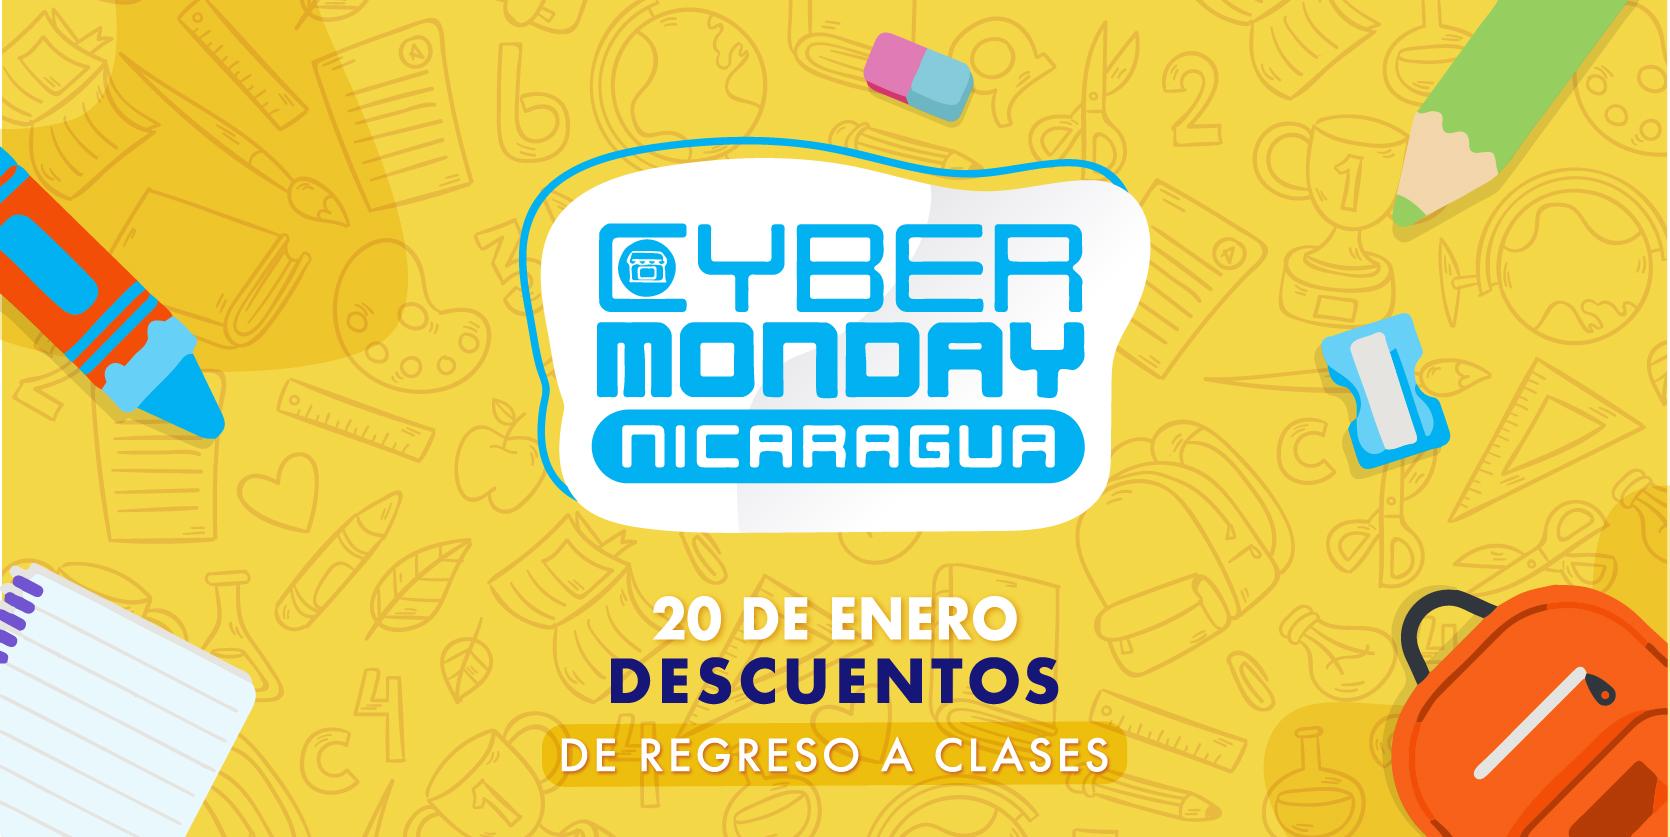 """Cyber Monday """"Descuentos de Regreso a clases"""""""